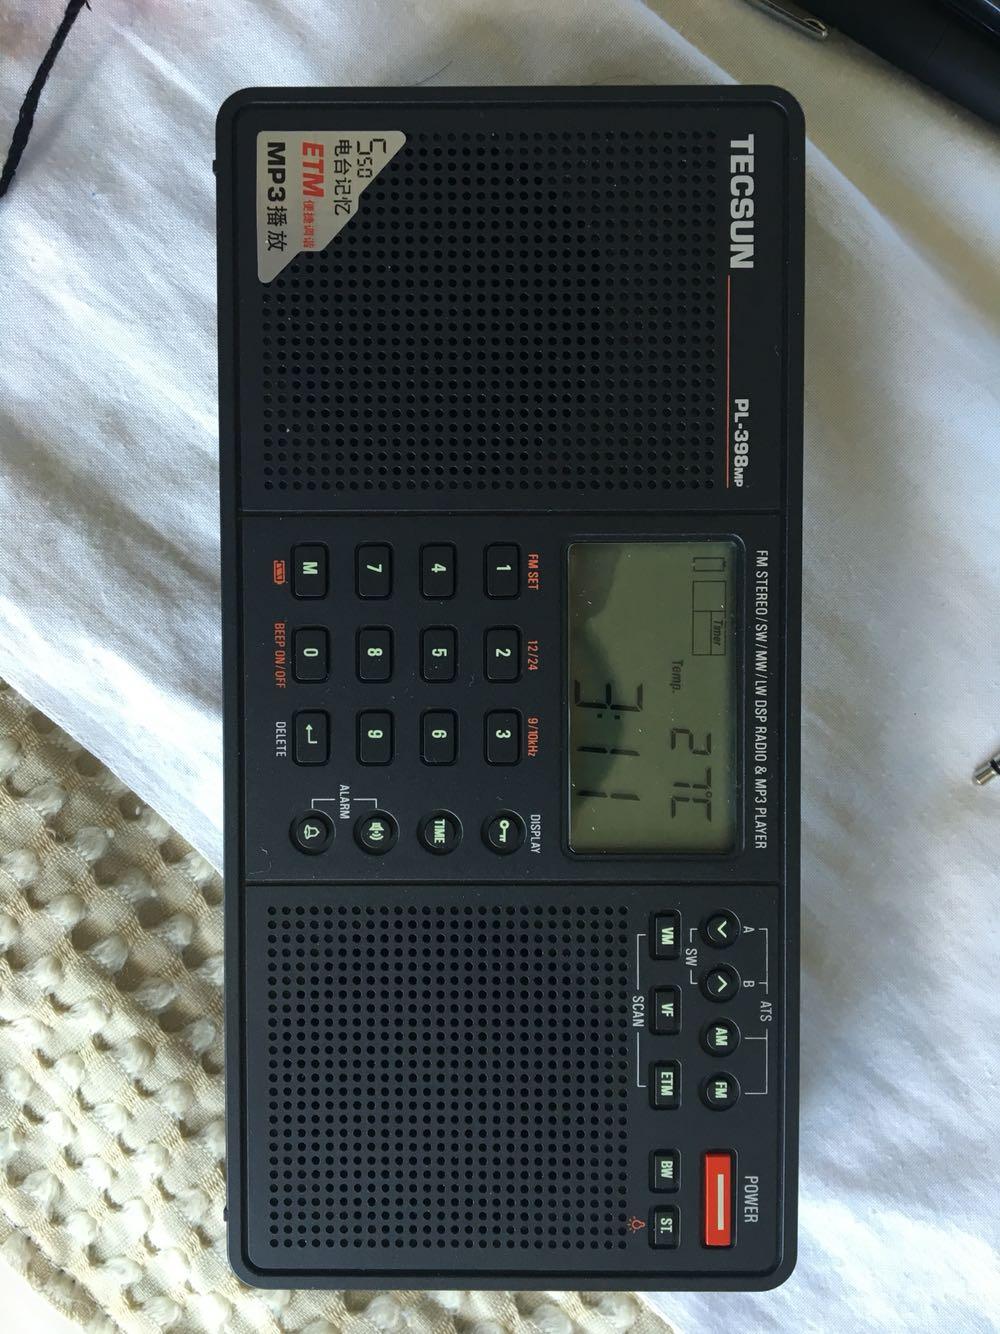 指南针 好乐宝指南针 德生pl-398mp 点评  收音机确实好用.给爸.